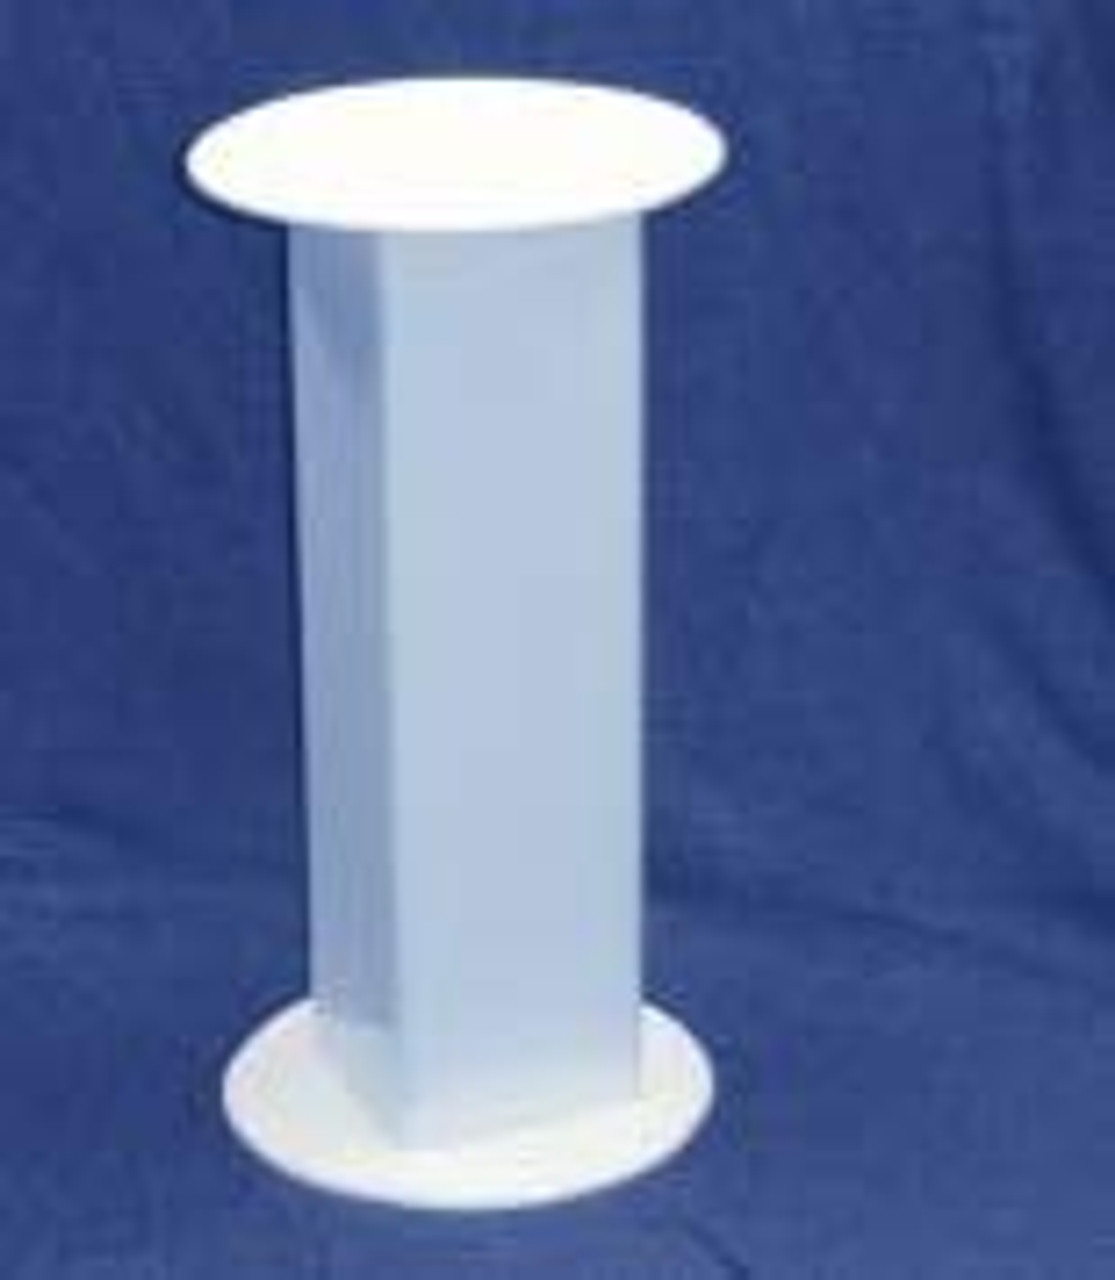 Circular Acrylic Pedestal, 24 Inch, White